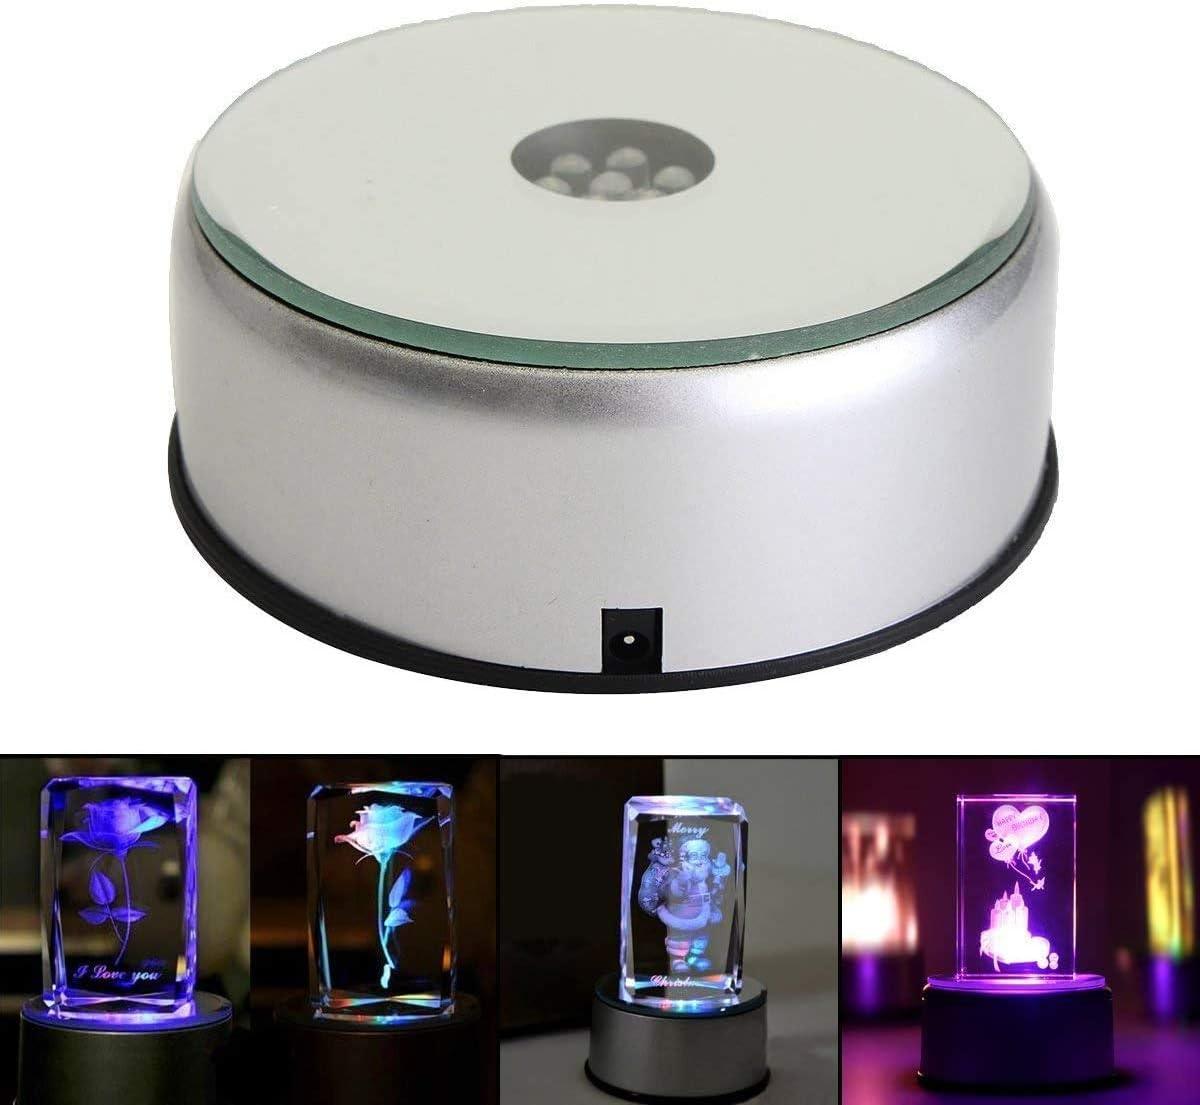 LED Base Giratoria Eléctrica,Base de Pantalla Iluminación LED de Colores con Cable USB Plataforma Rotatoria Plato Giratorio para Figuras Adornos Joyas - Plateado